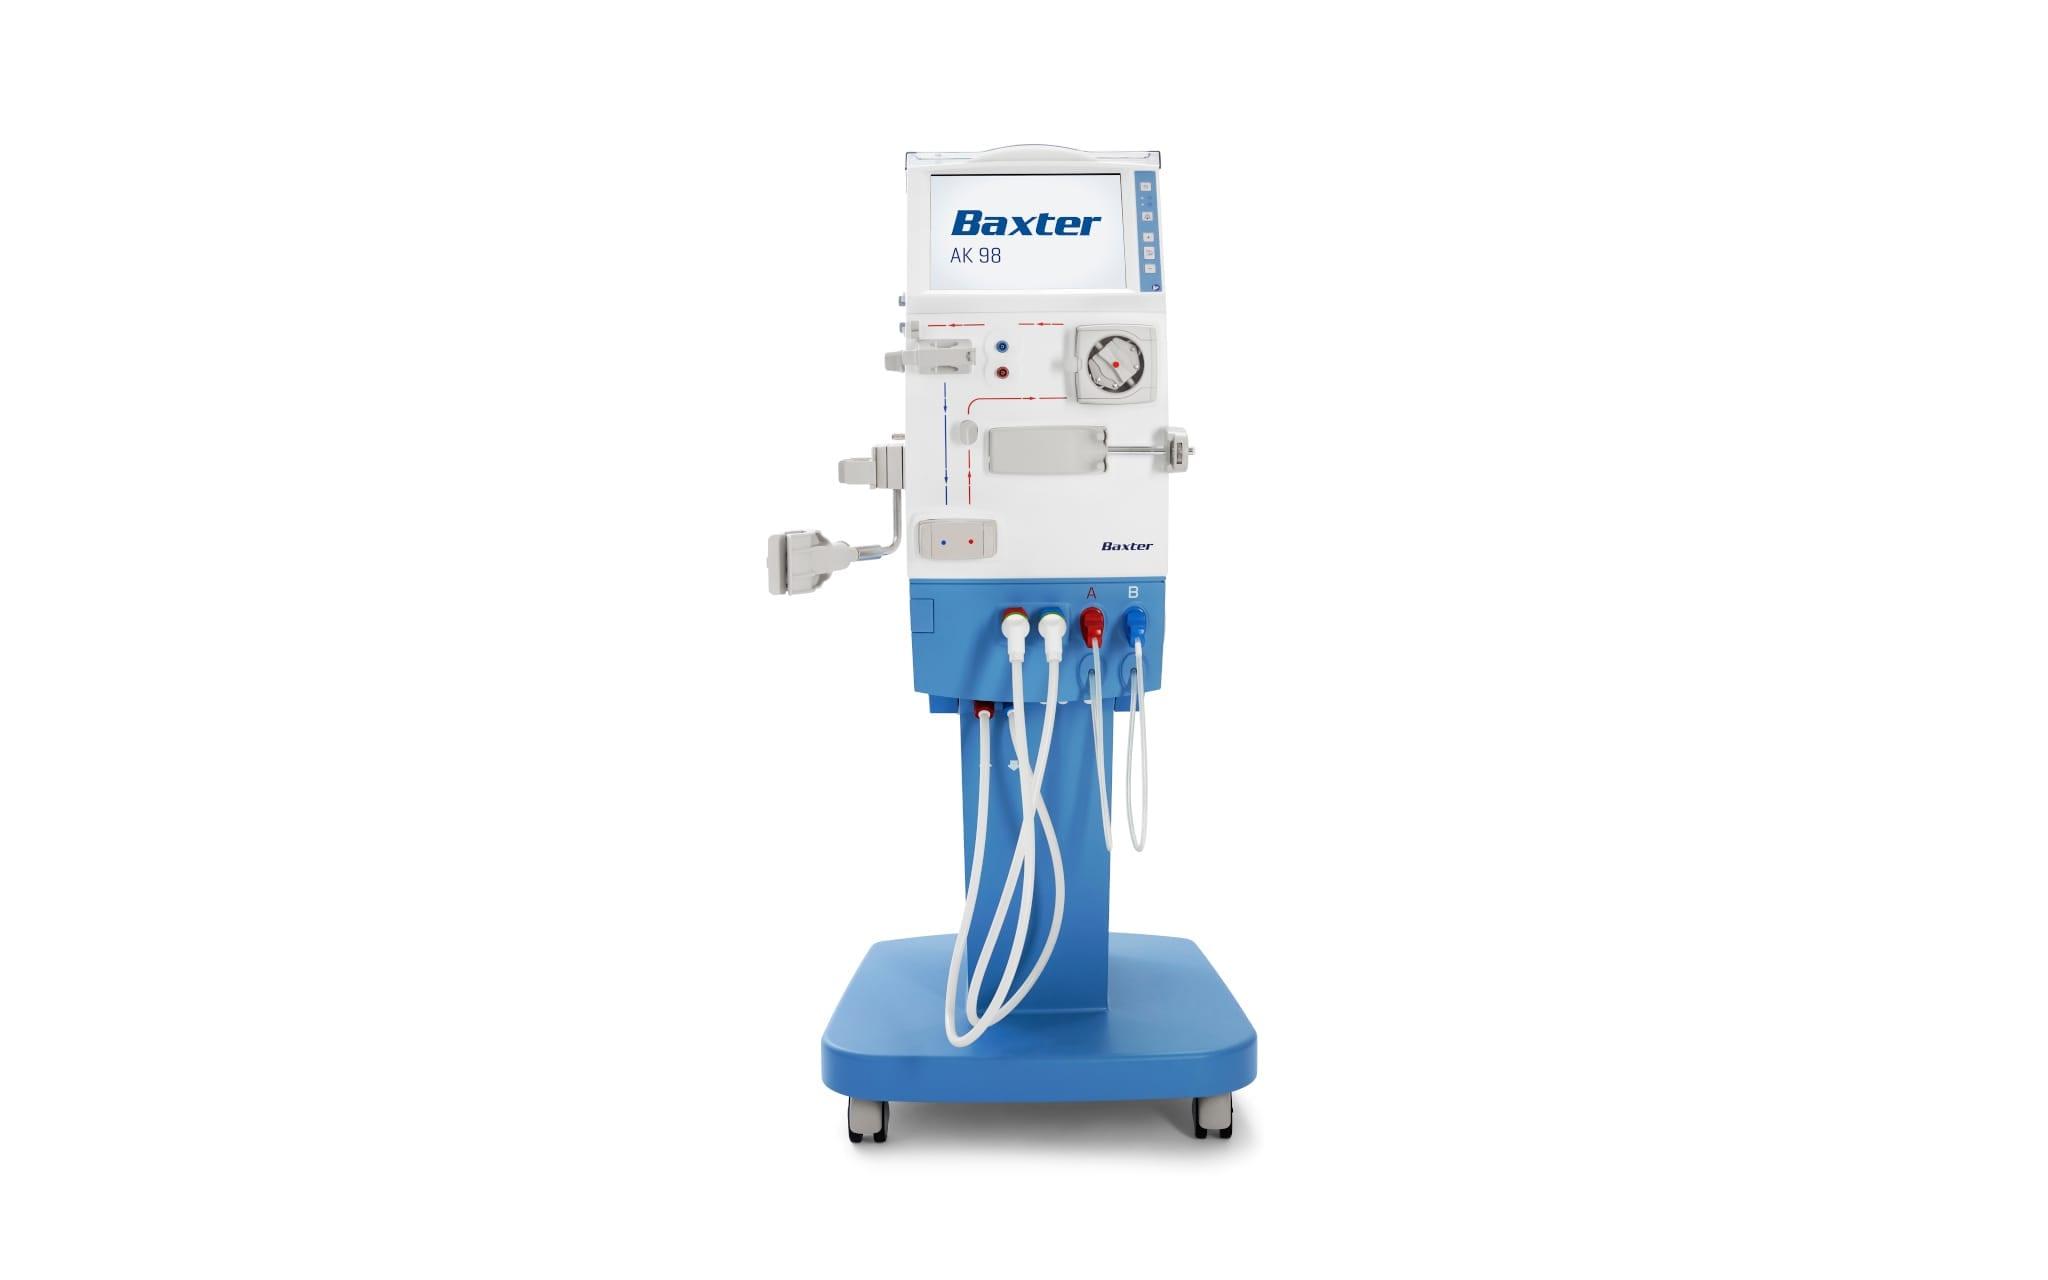 Baxter_AK98v3_hemodialysis-machine_sz-2